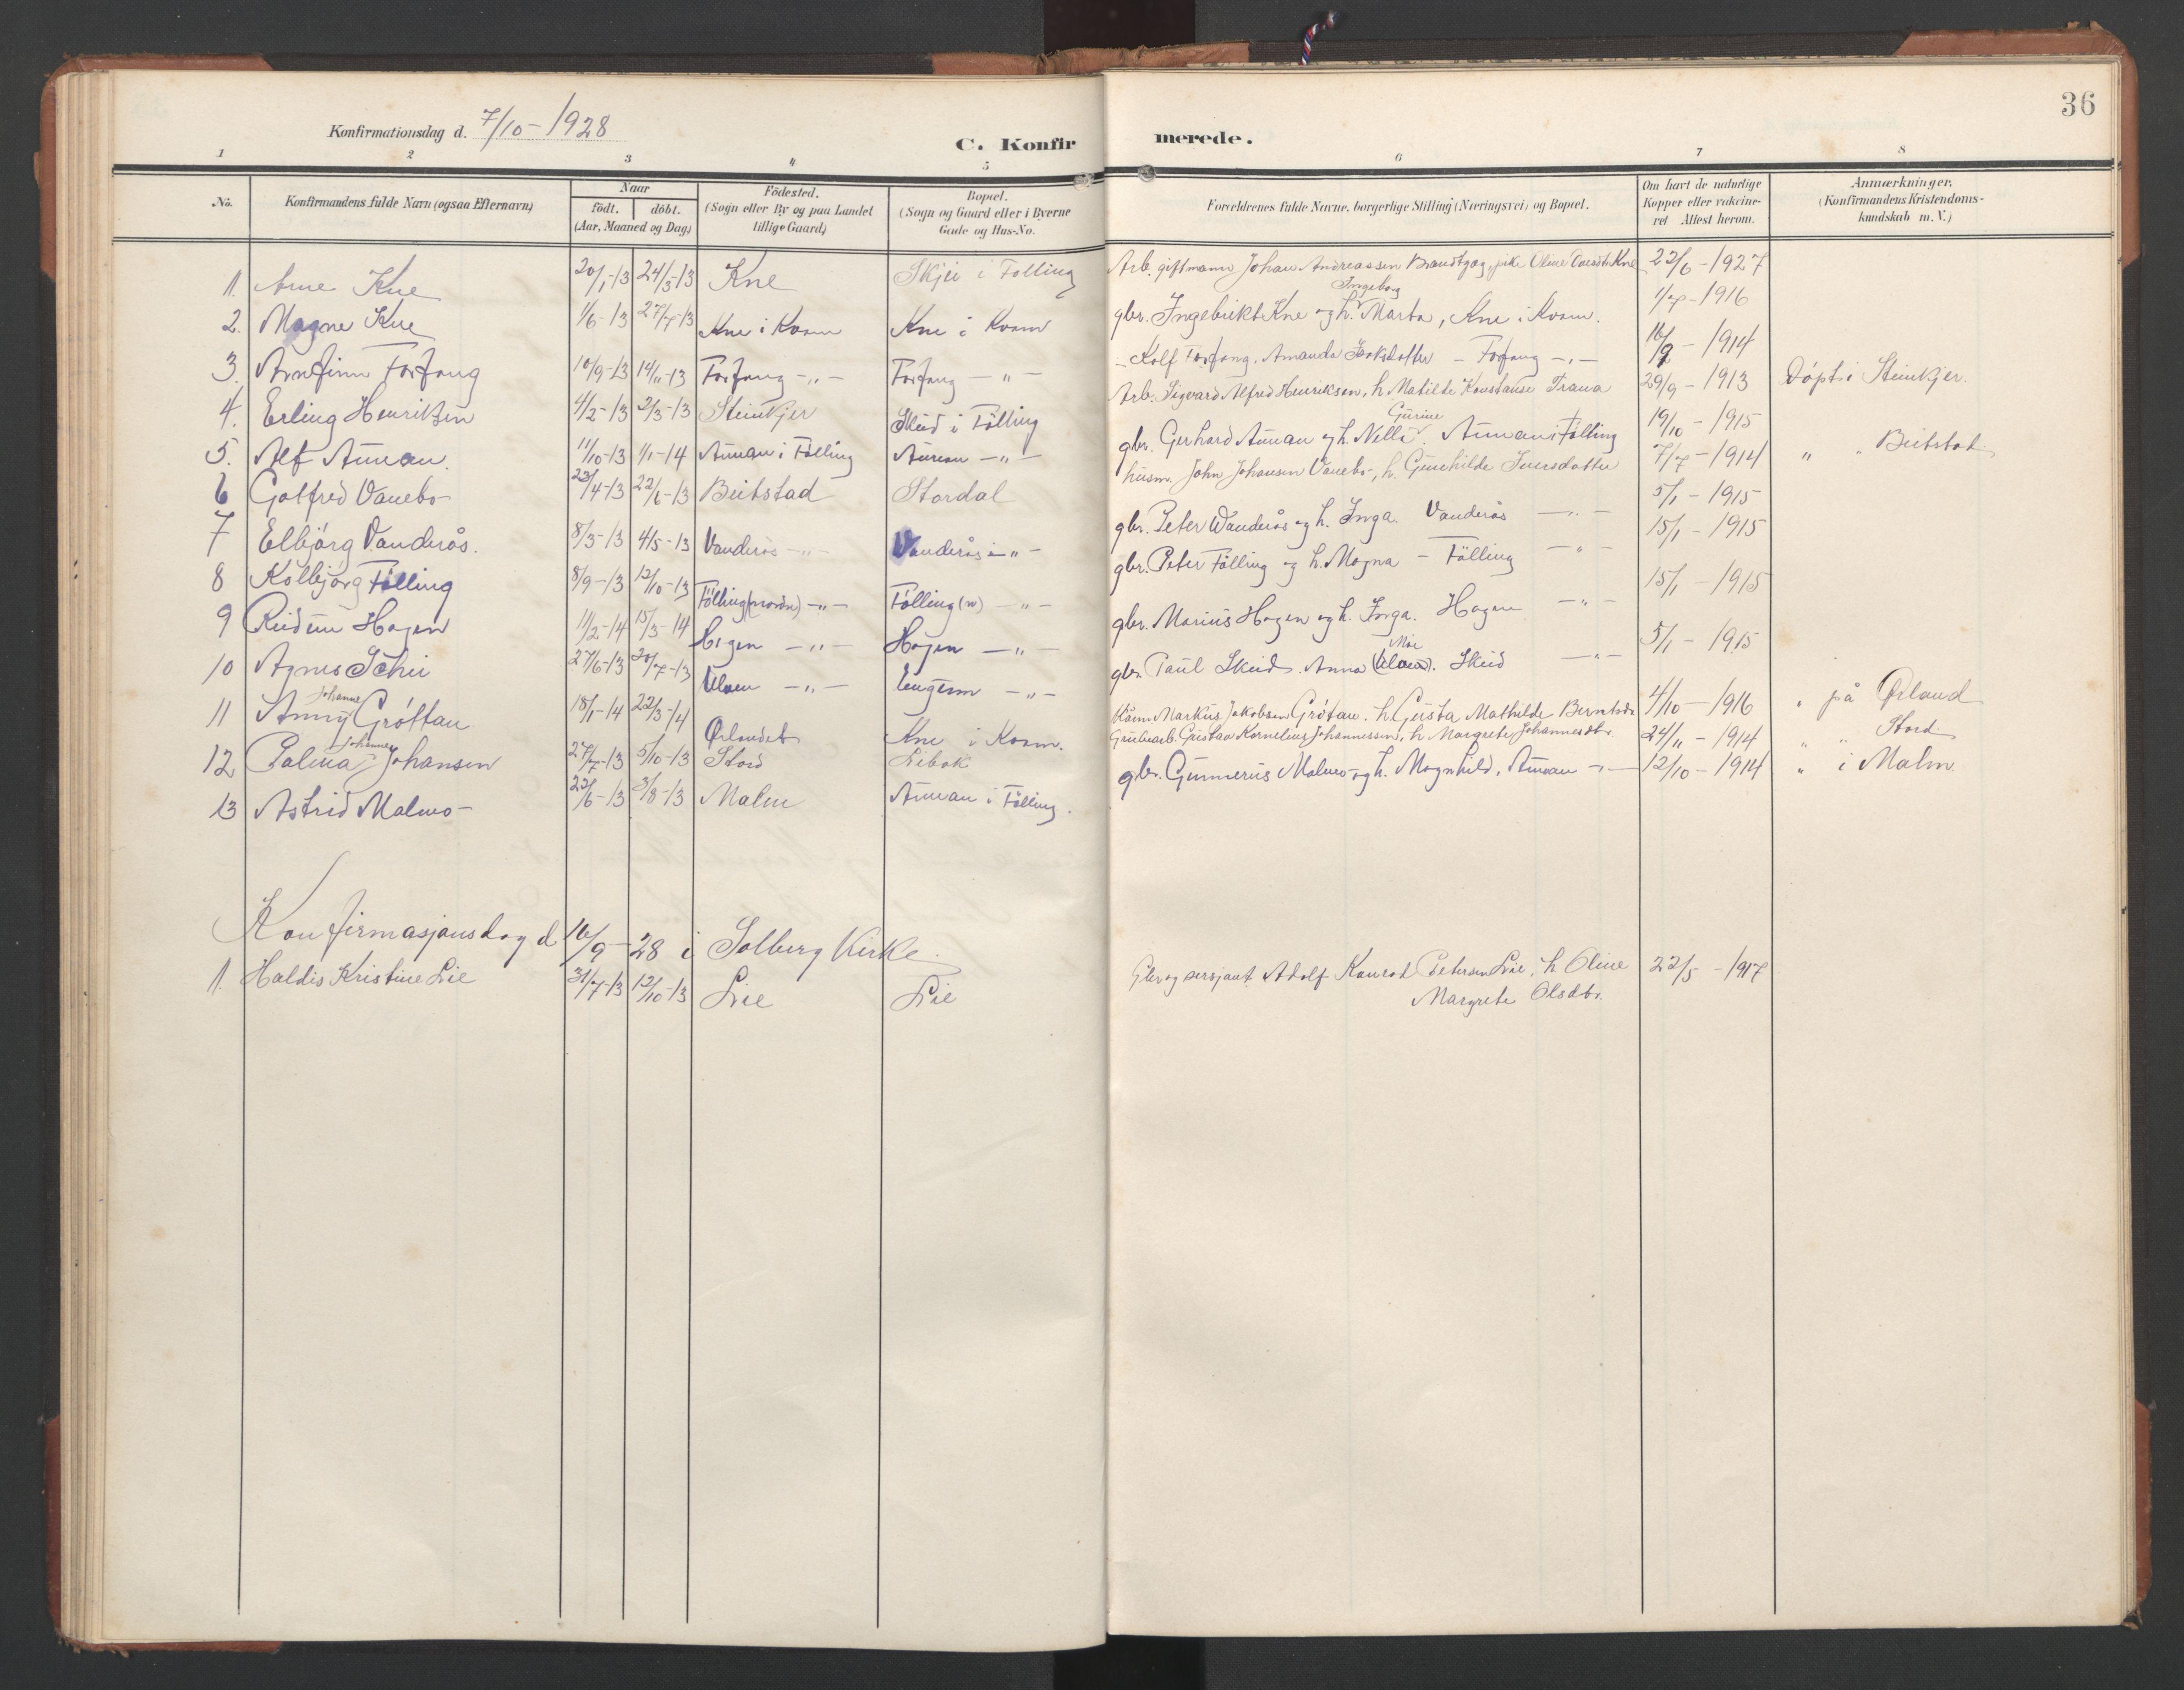 SAT, Ministerialprotokoller, klokkerbøker og fødselsregistre - Nord-Trøndelag, 748/L0465: Klokkerbok nr. 748C01, 1908-1960, s. 36